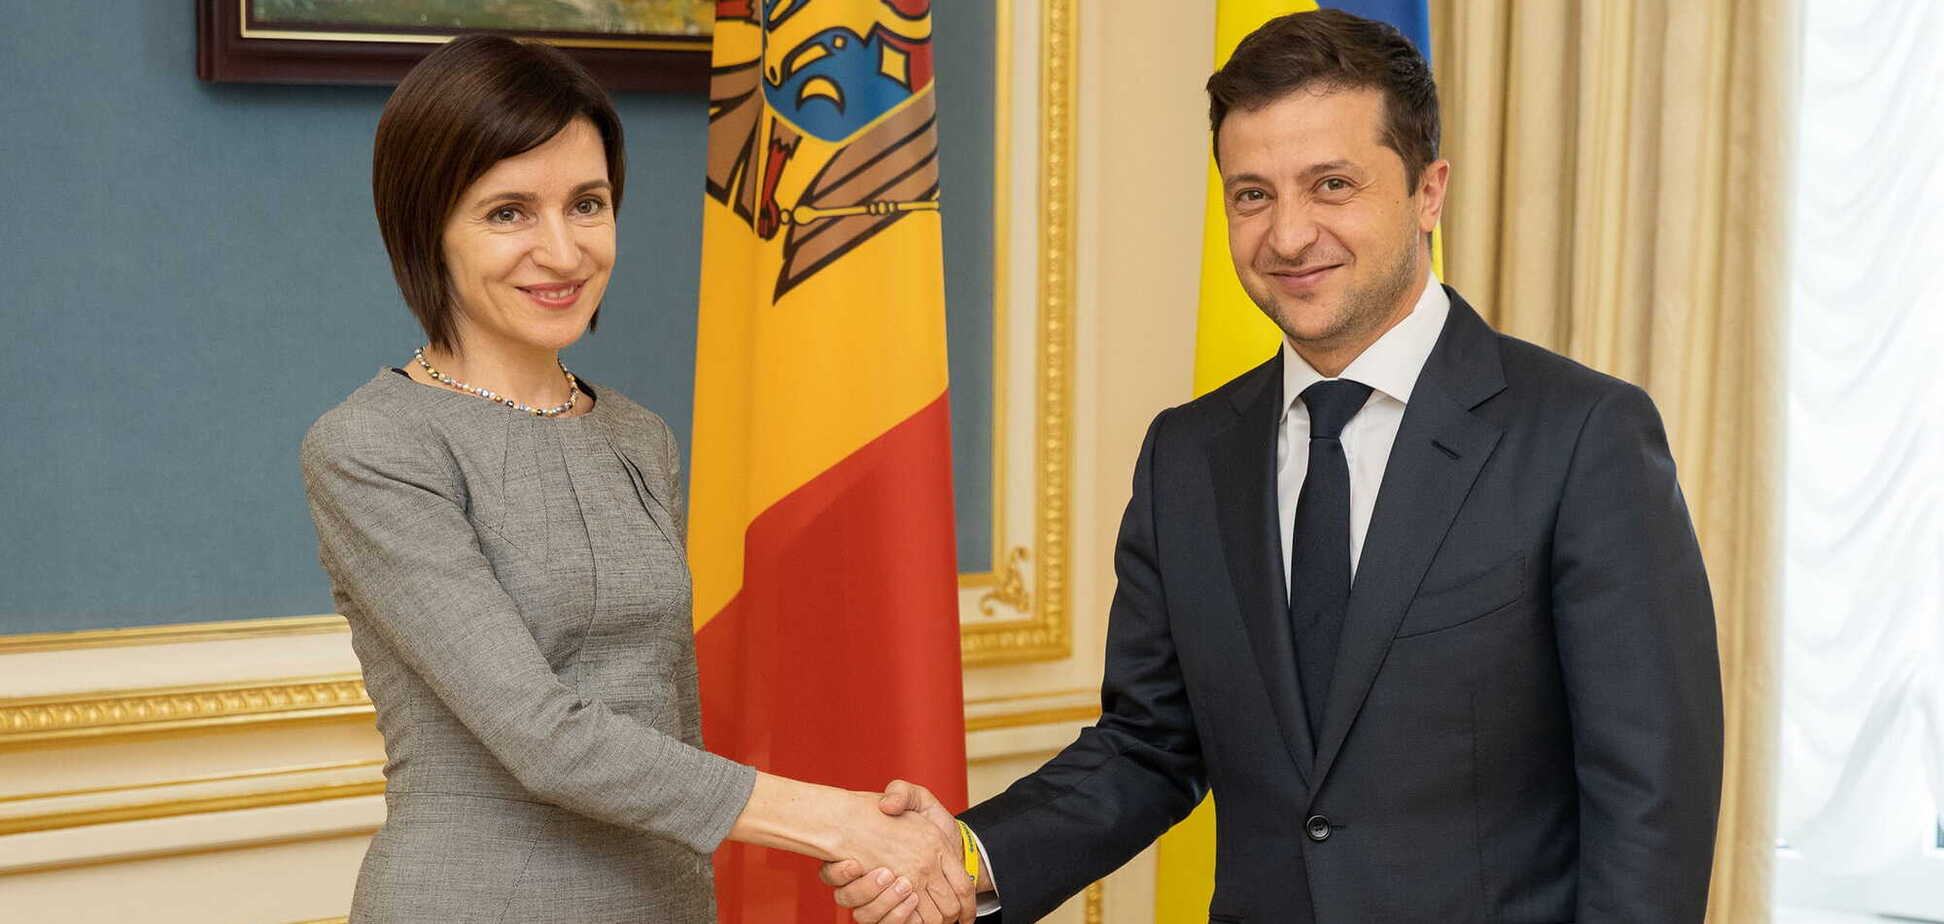 Зеленський провів багатообіцяльну зустріч із президентом Молдови: про що домовилися